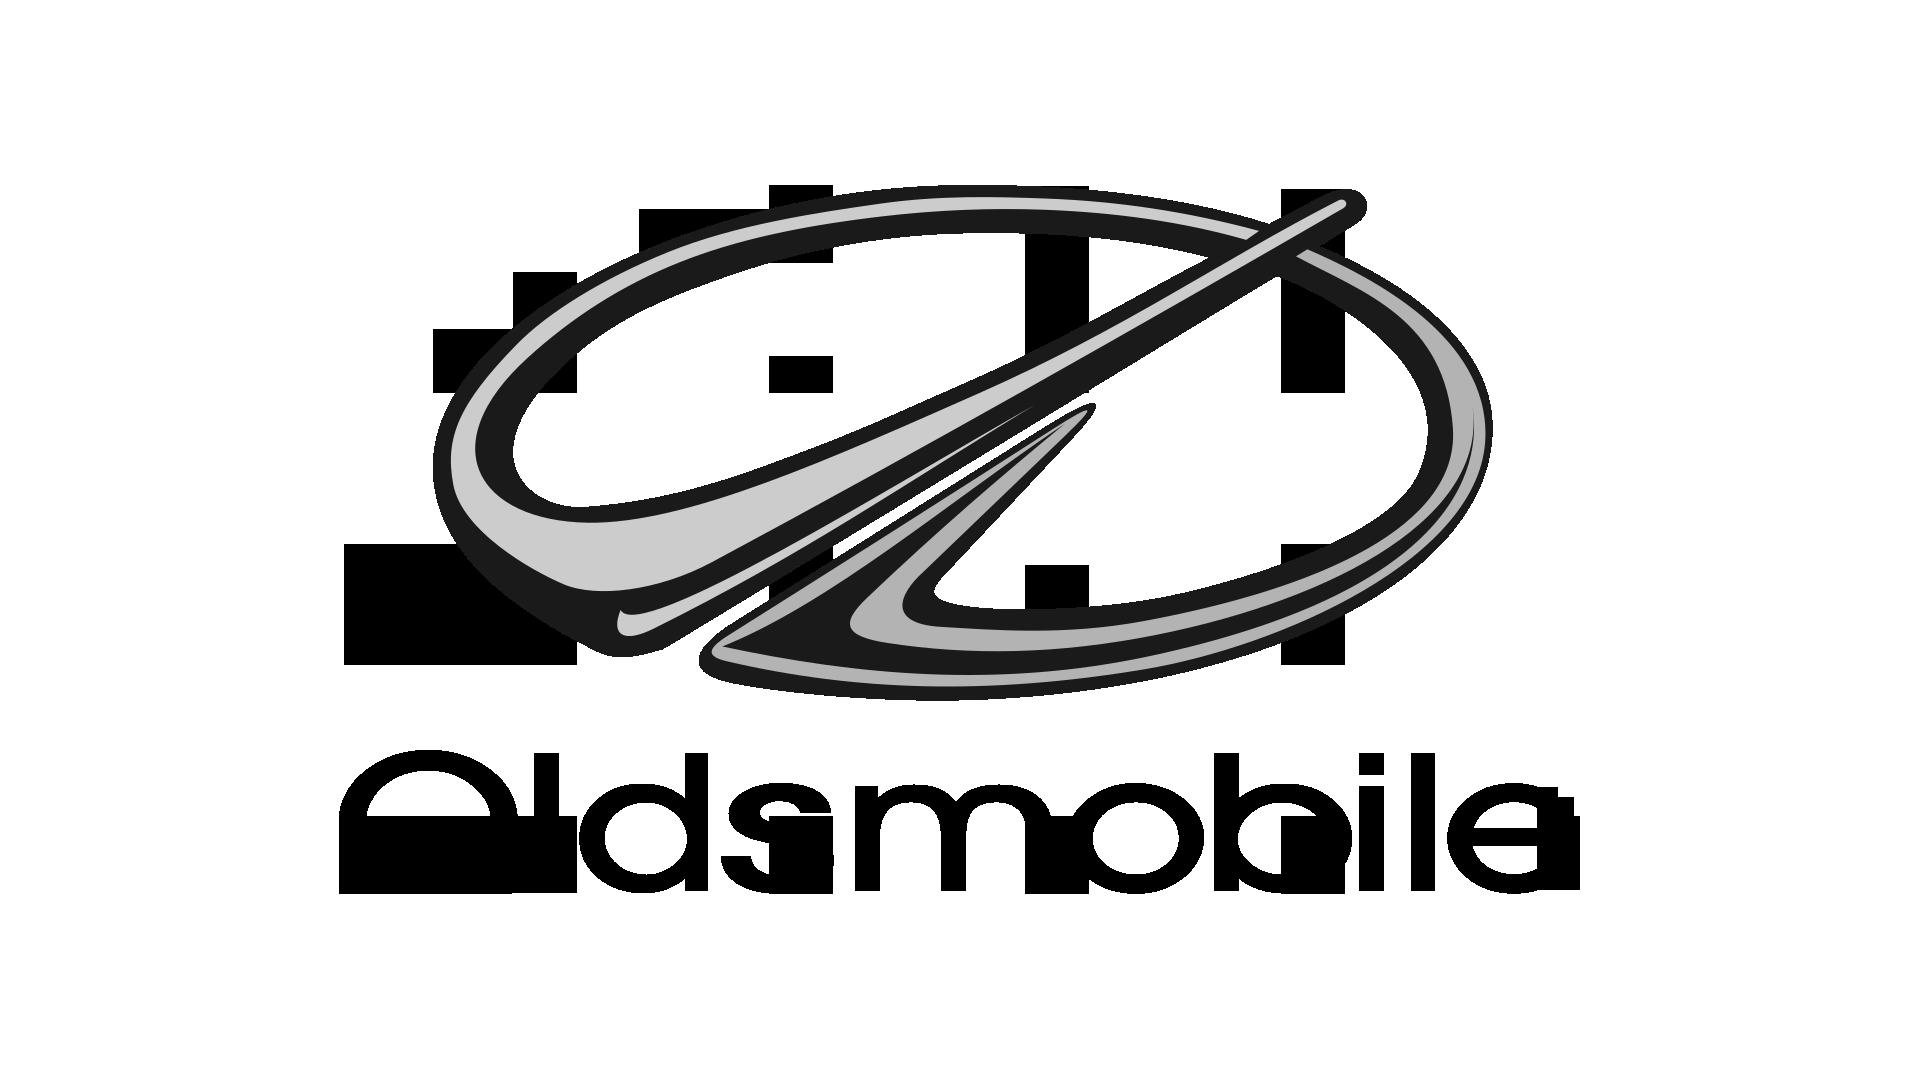 Oldsmobile-symbol-1996-1920x1080